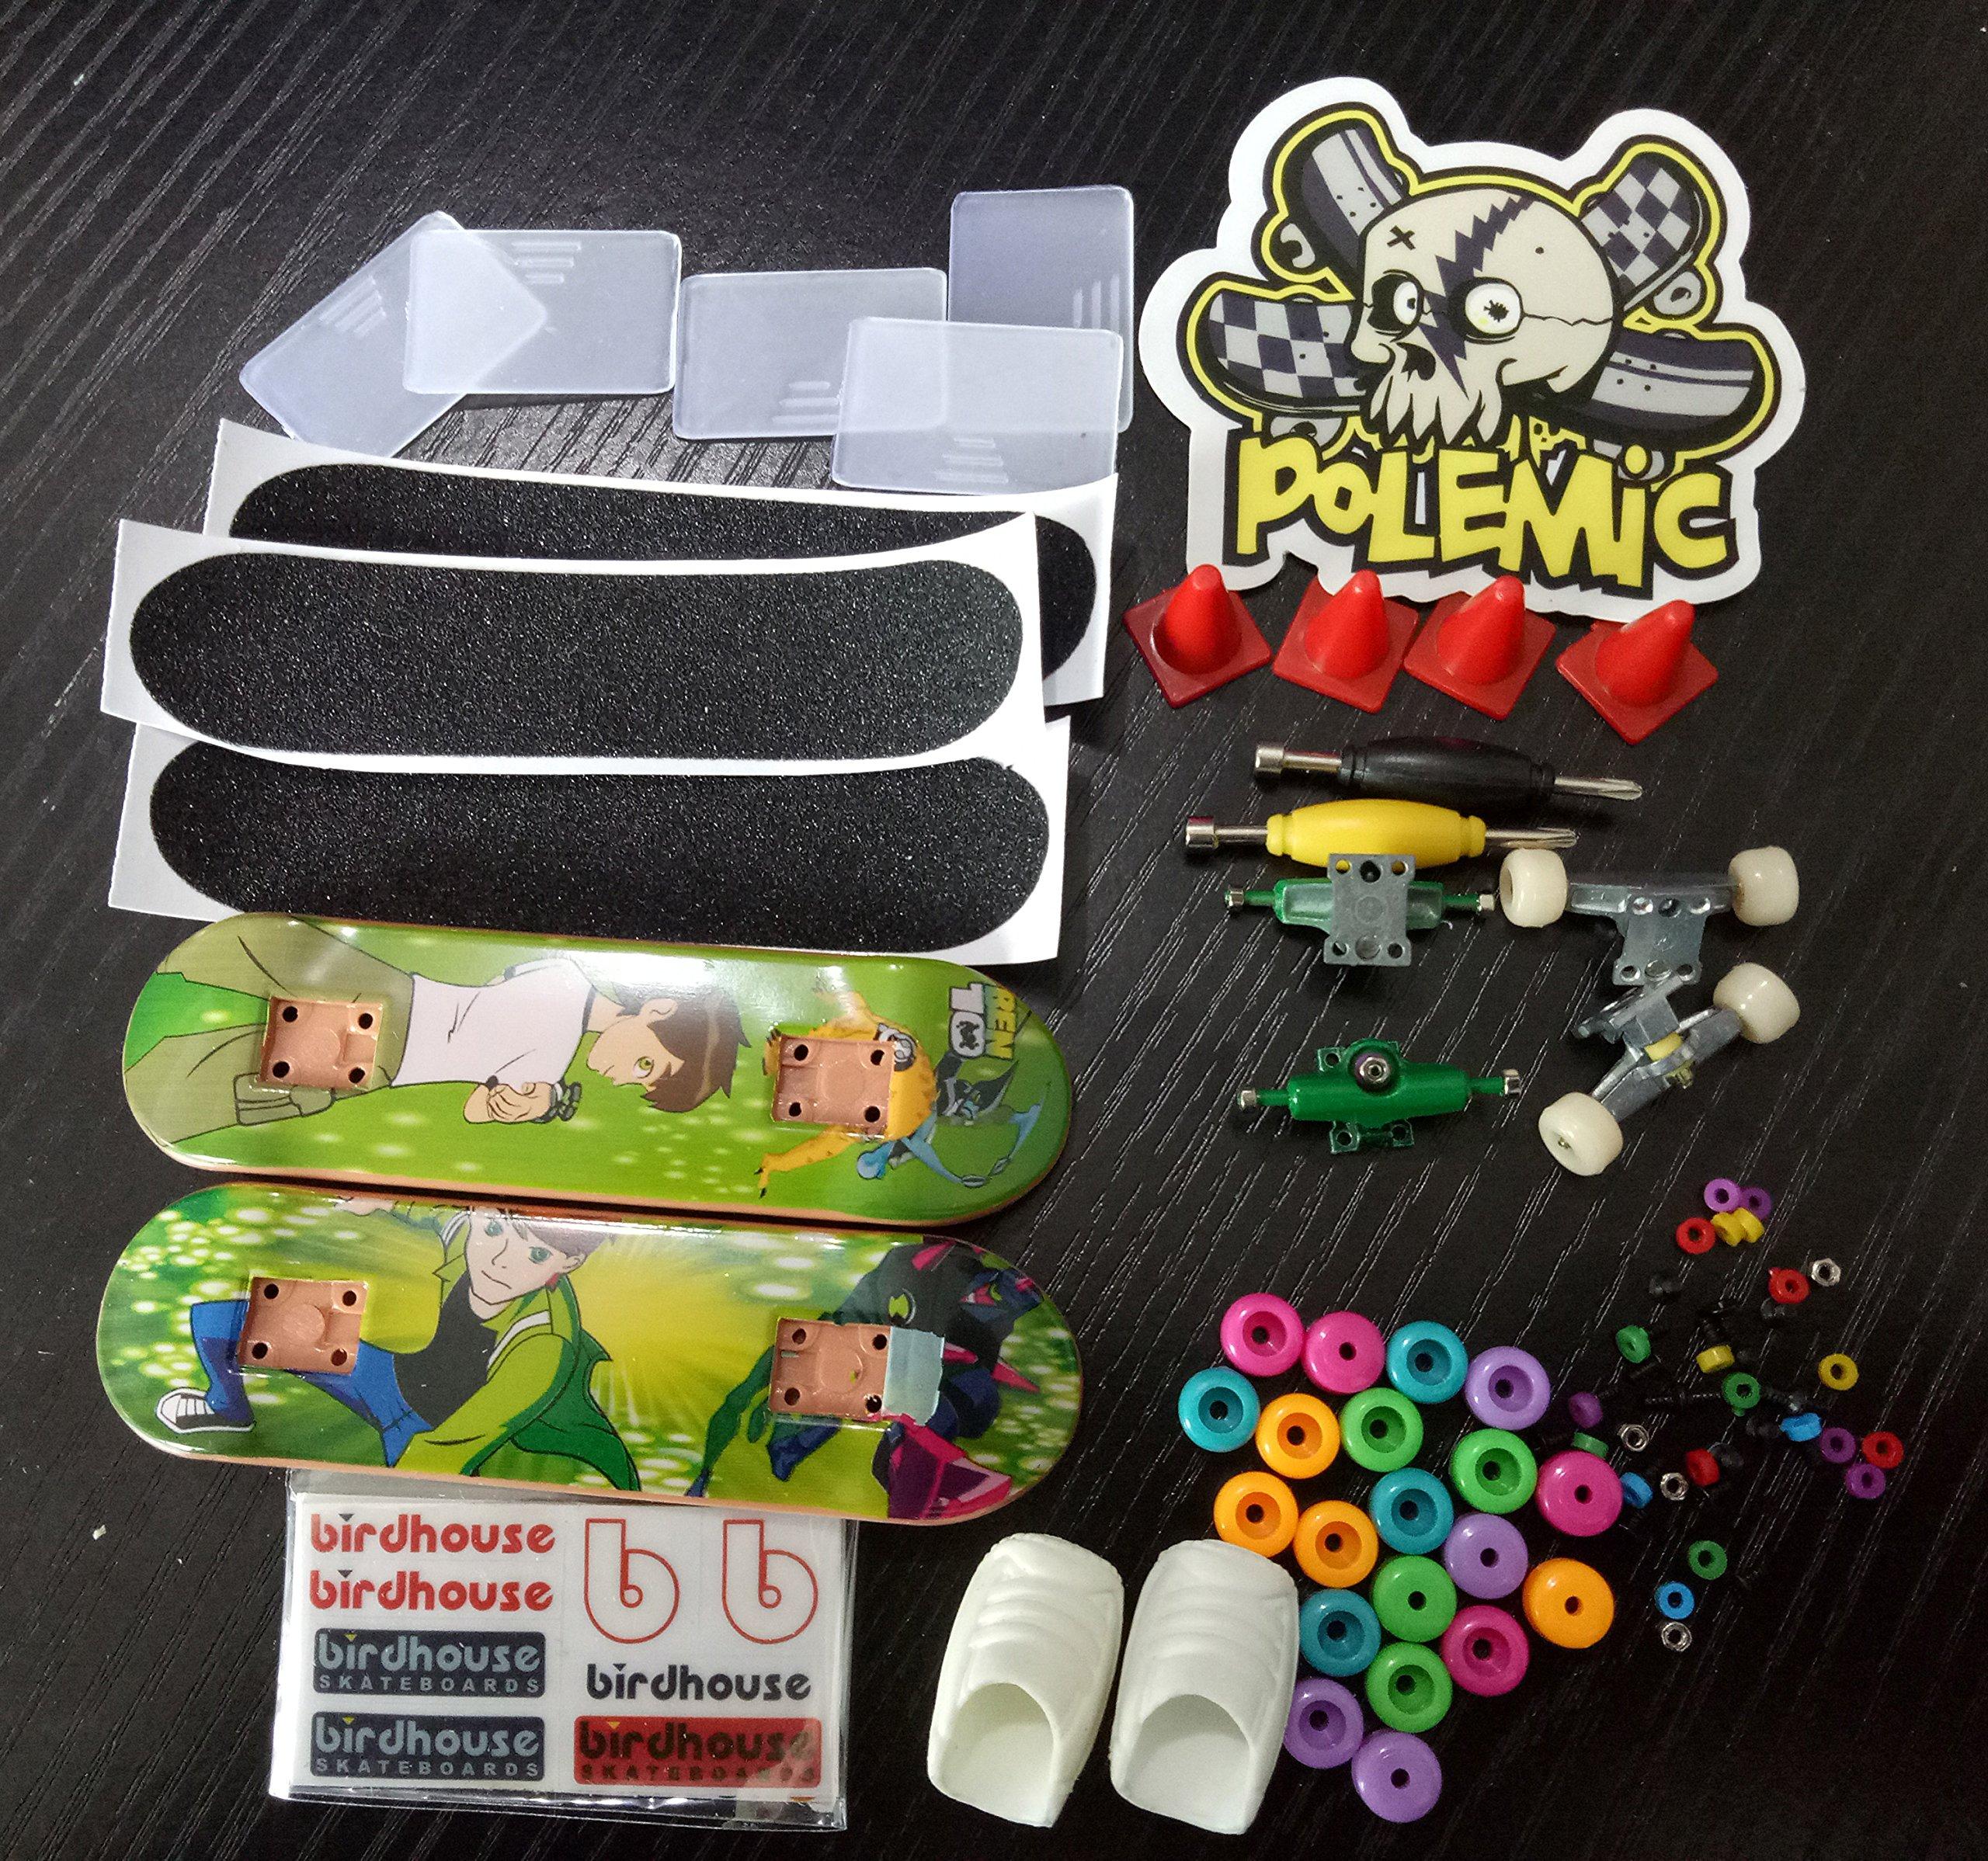 Fanci ABS Finger Skateboard Set Double Rocker DIY Mini Finger Boarding Toy with Storage Box by Fanci (Image #4)